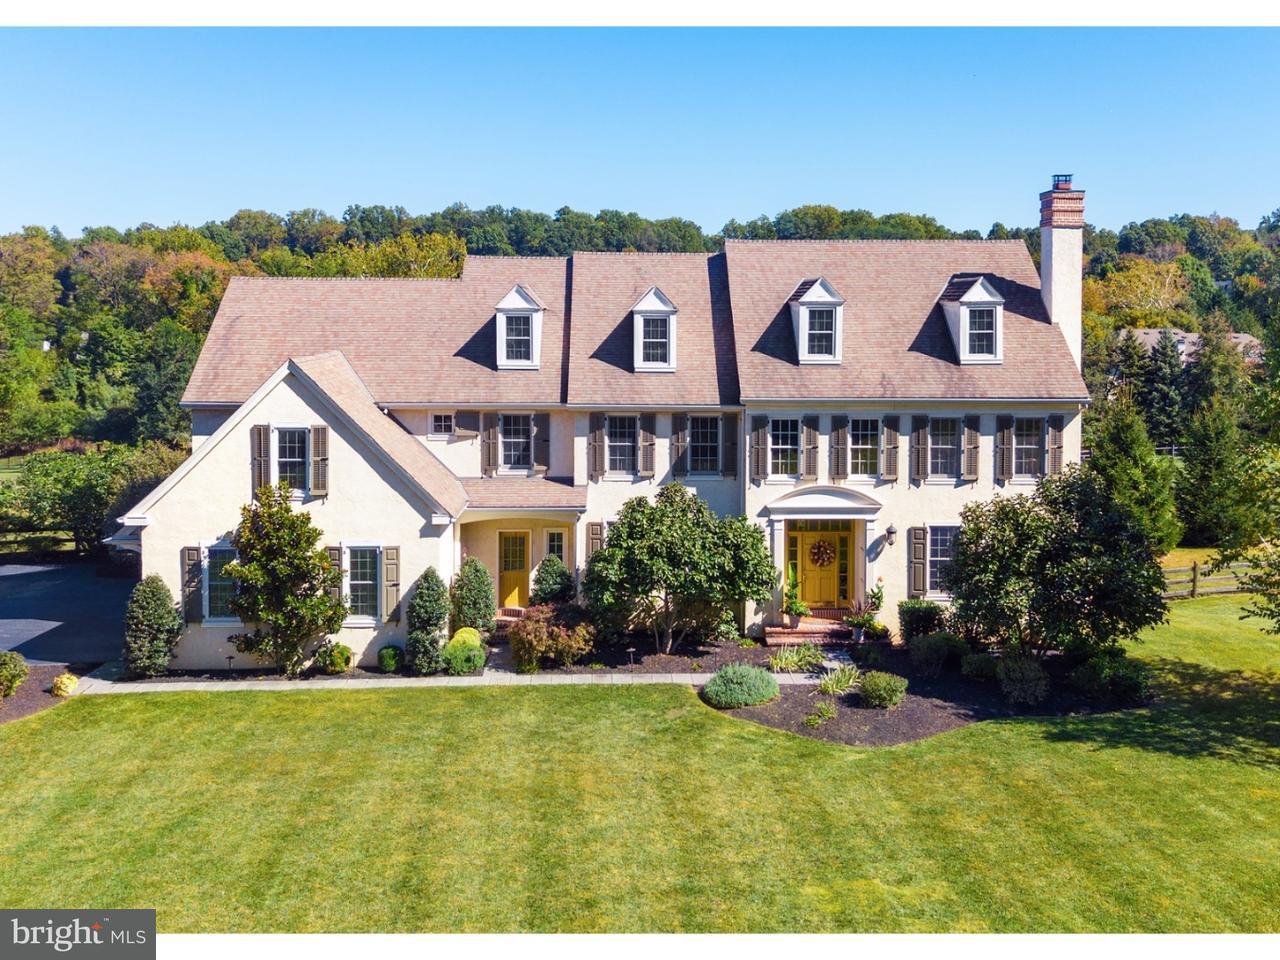 Частный односемейный дом для того Продажа на 101 DIAMOND ROCK Road Phoenixville, Пенсильвания 19460 Соединенные Штаты